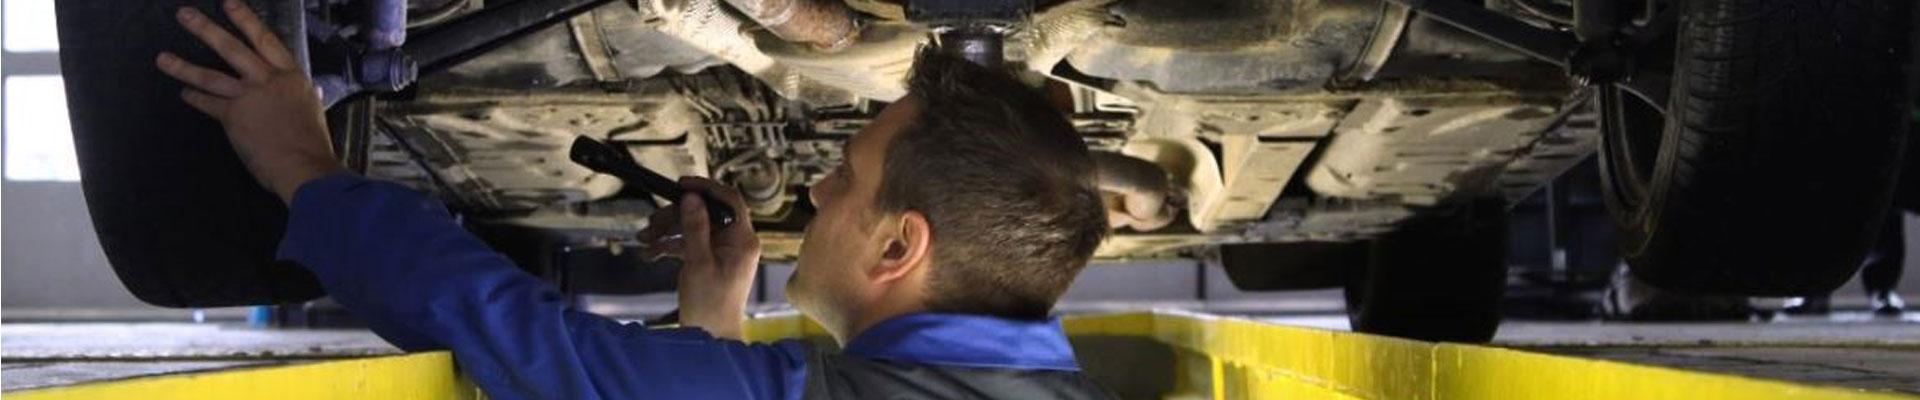 Unterseite eines Autos wird von einem Mechaniker geprüft